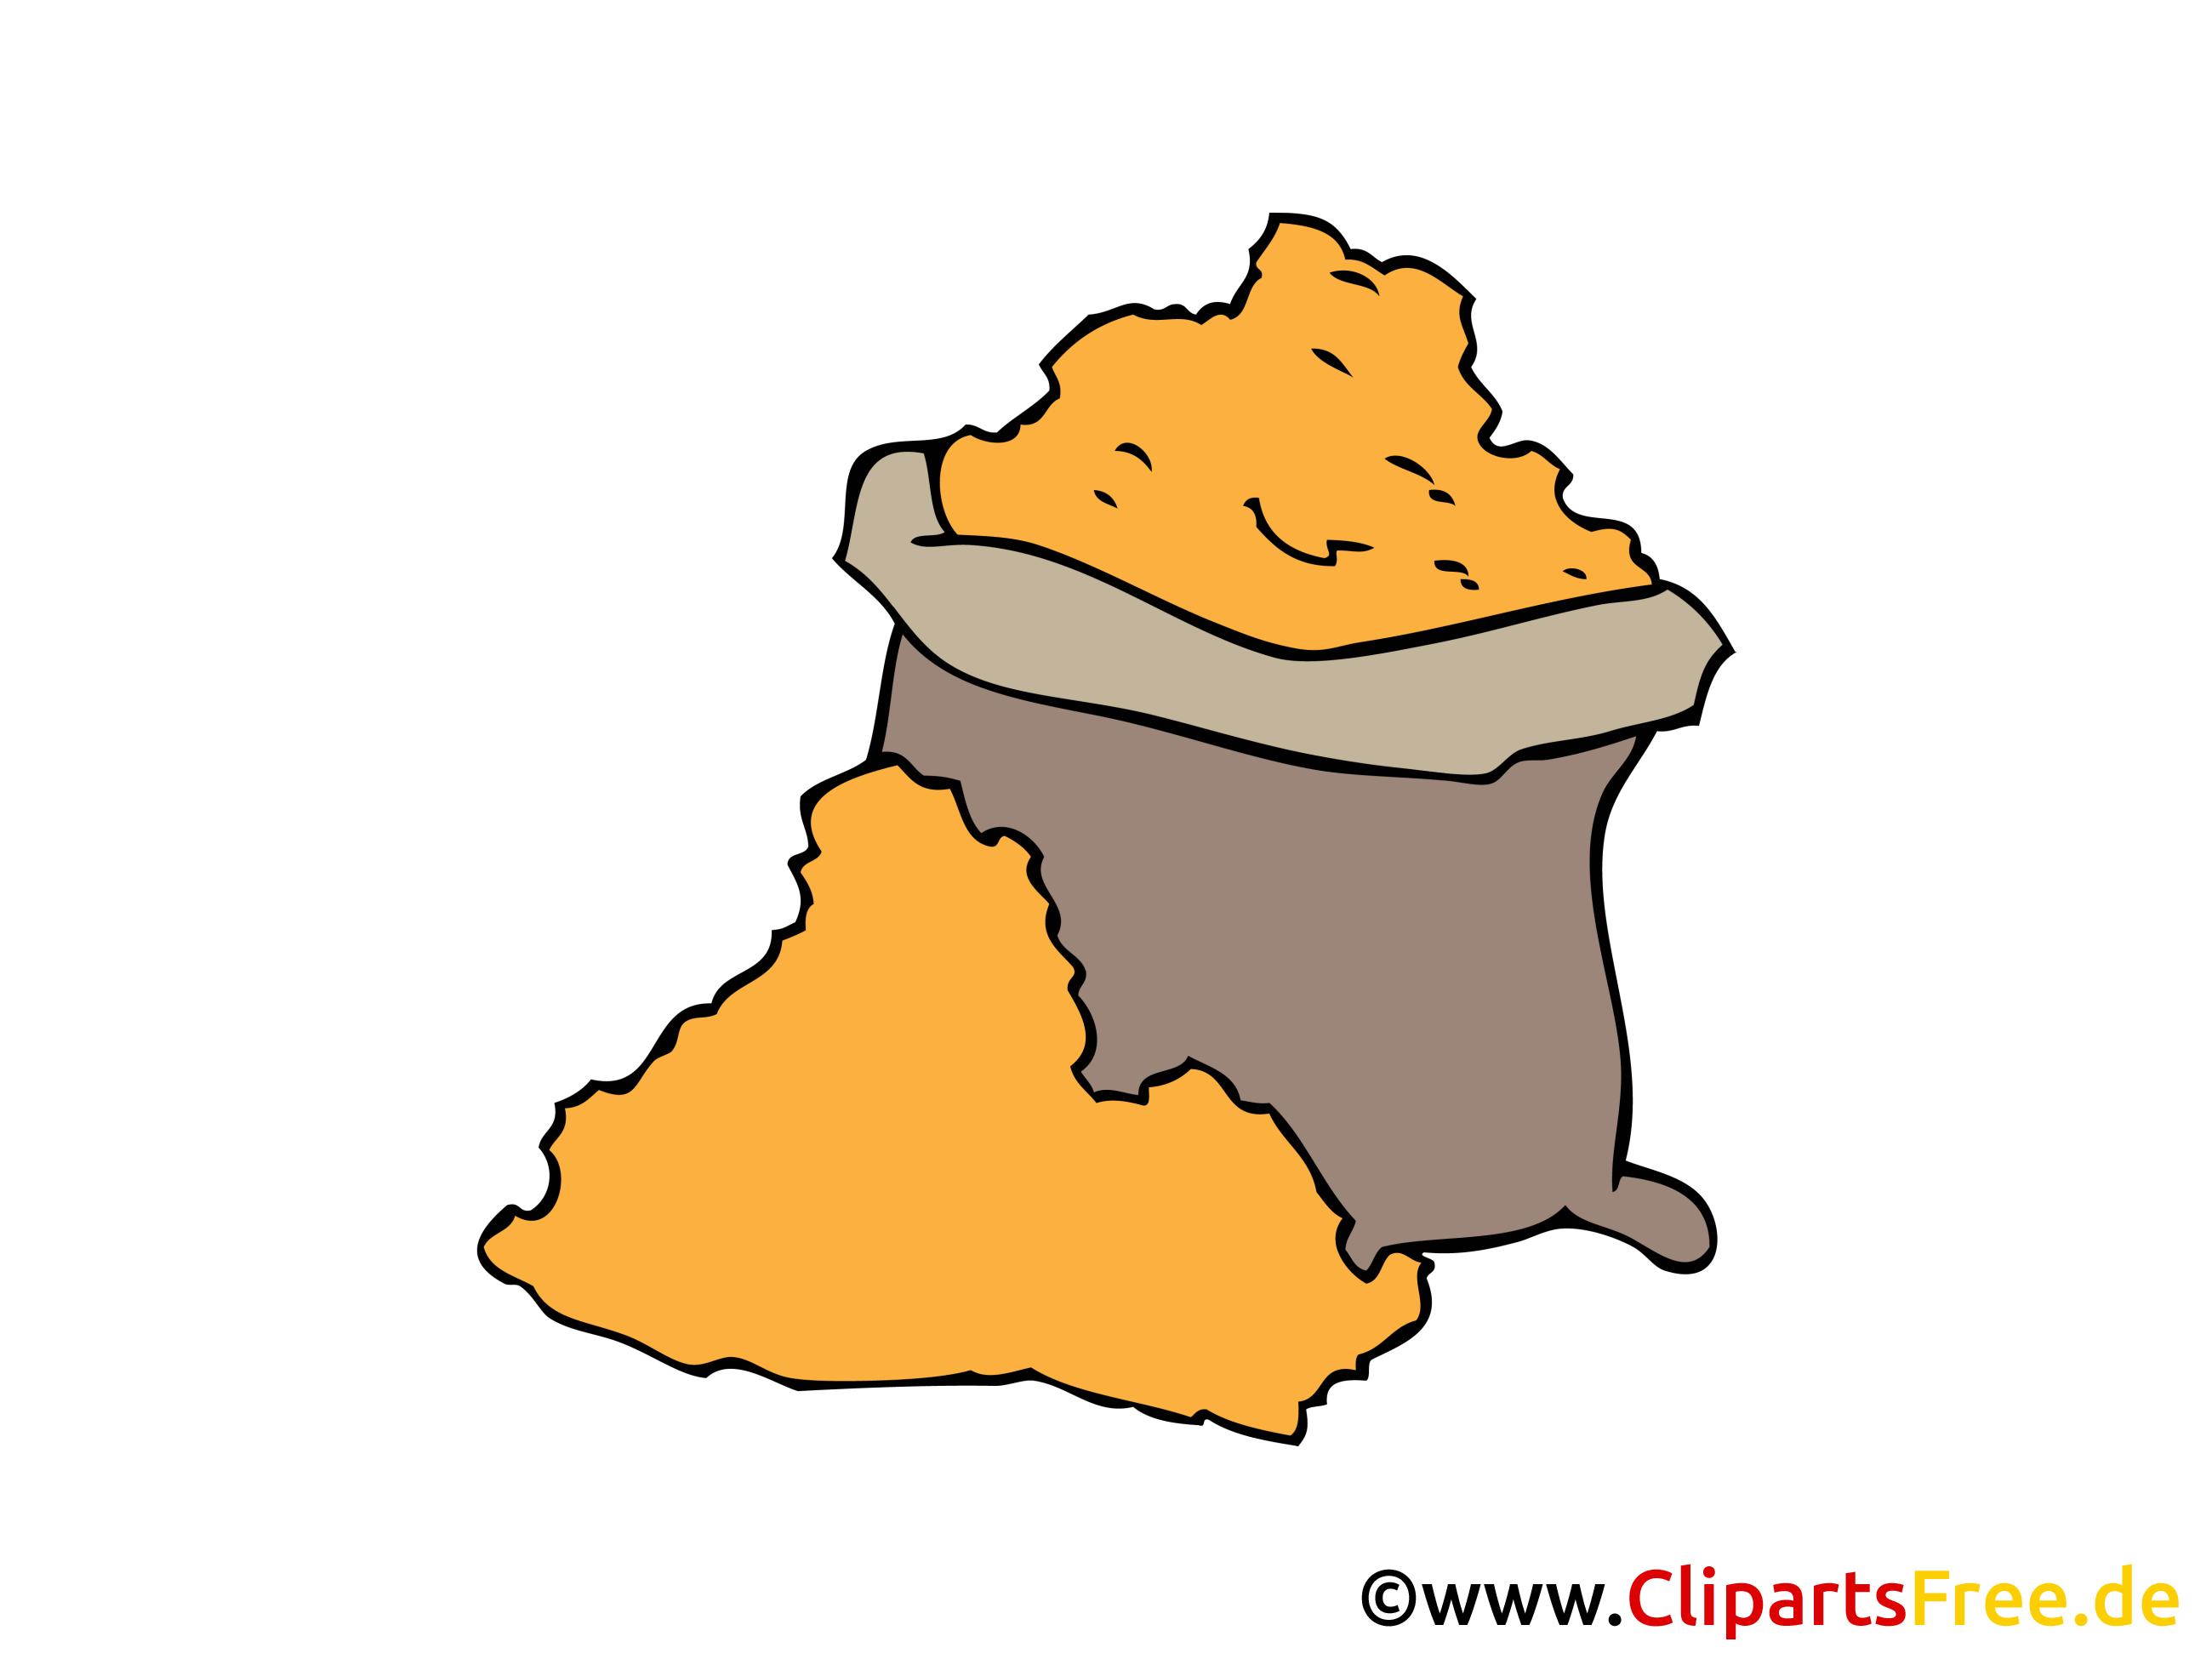 Sac image gratuite - Nourriture illustration